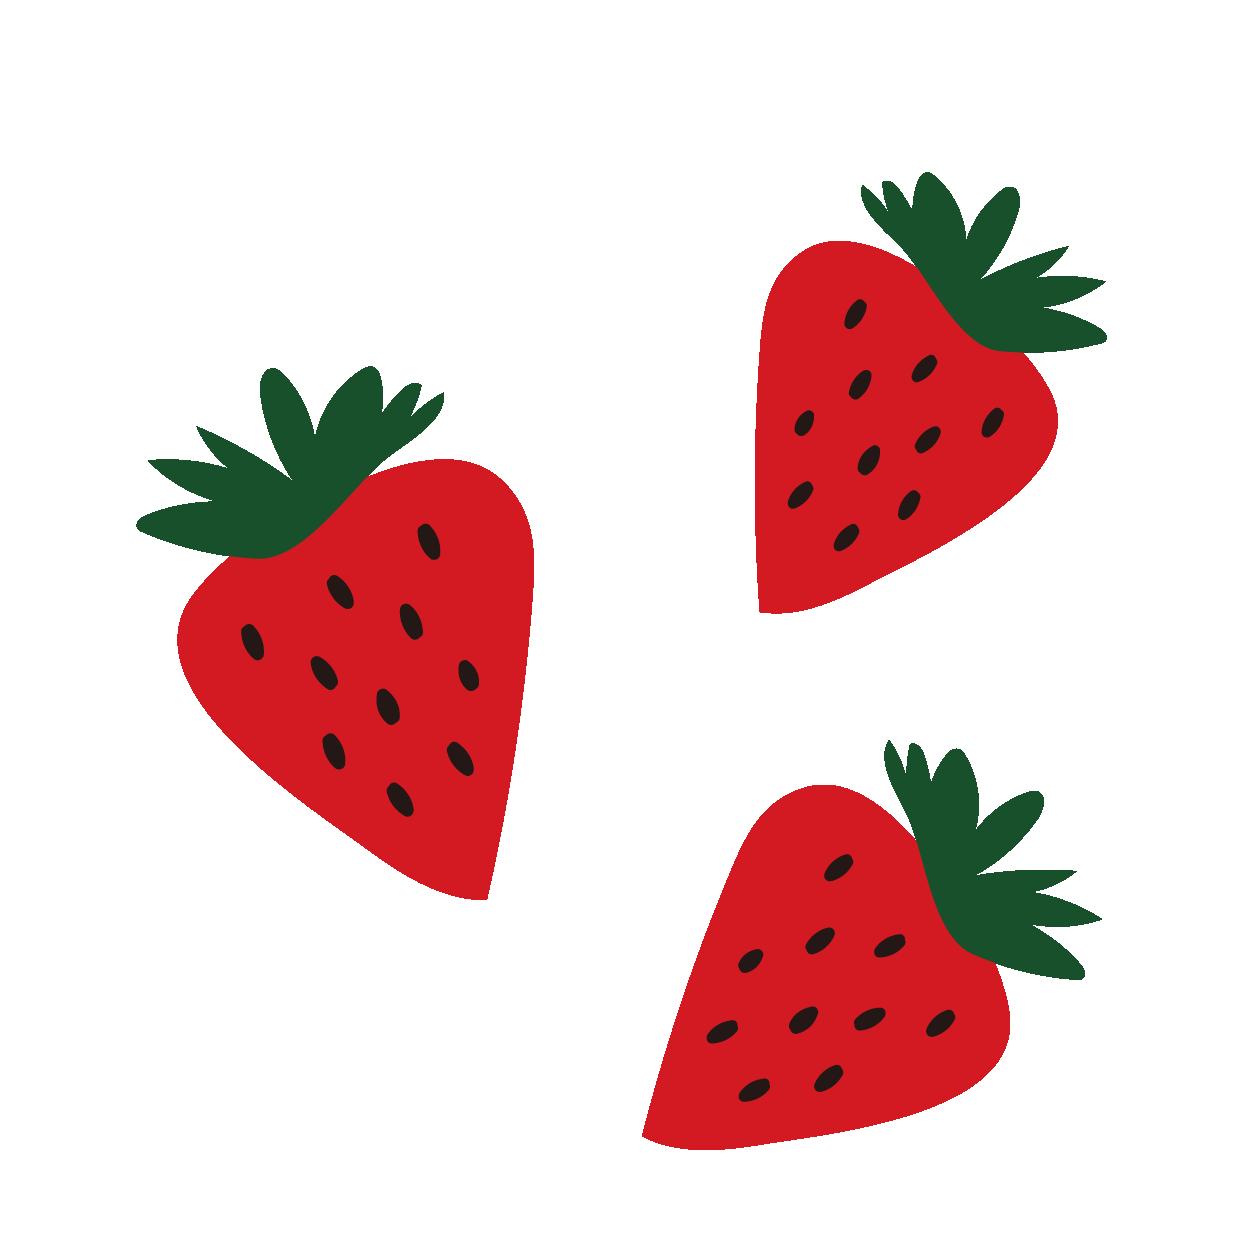 苺(イチゴ・いちご)のイラスト【フルーツ・果物】 | 商用フリー(無料